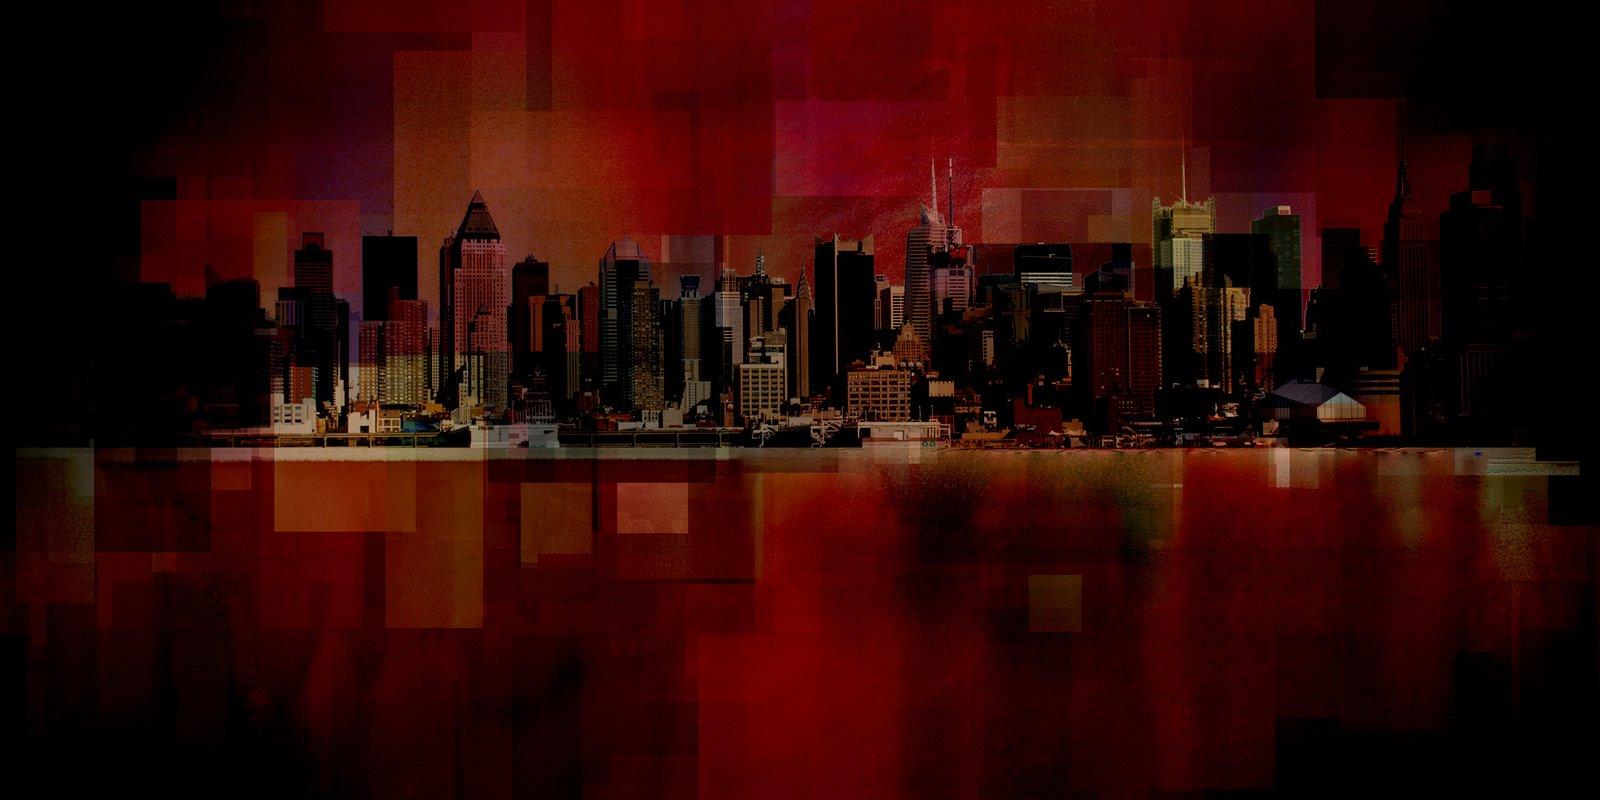 Cooperative Village Manhattan, NY Private Investigator